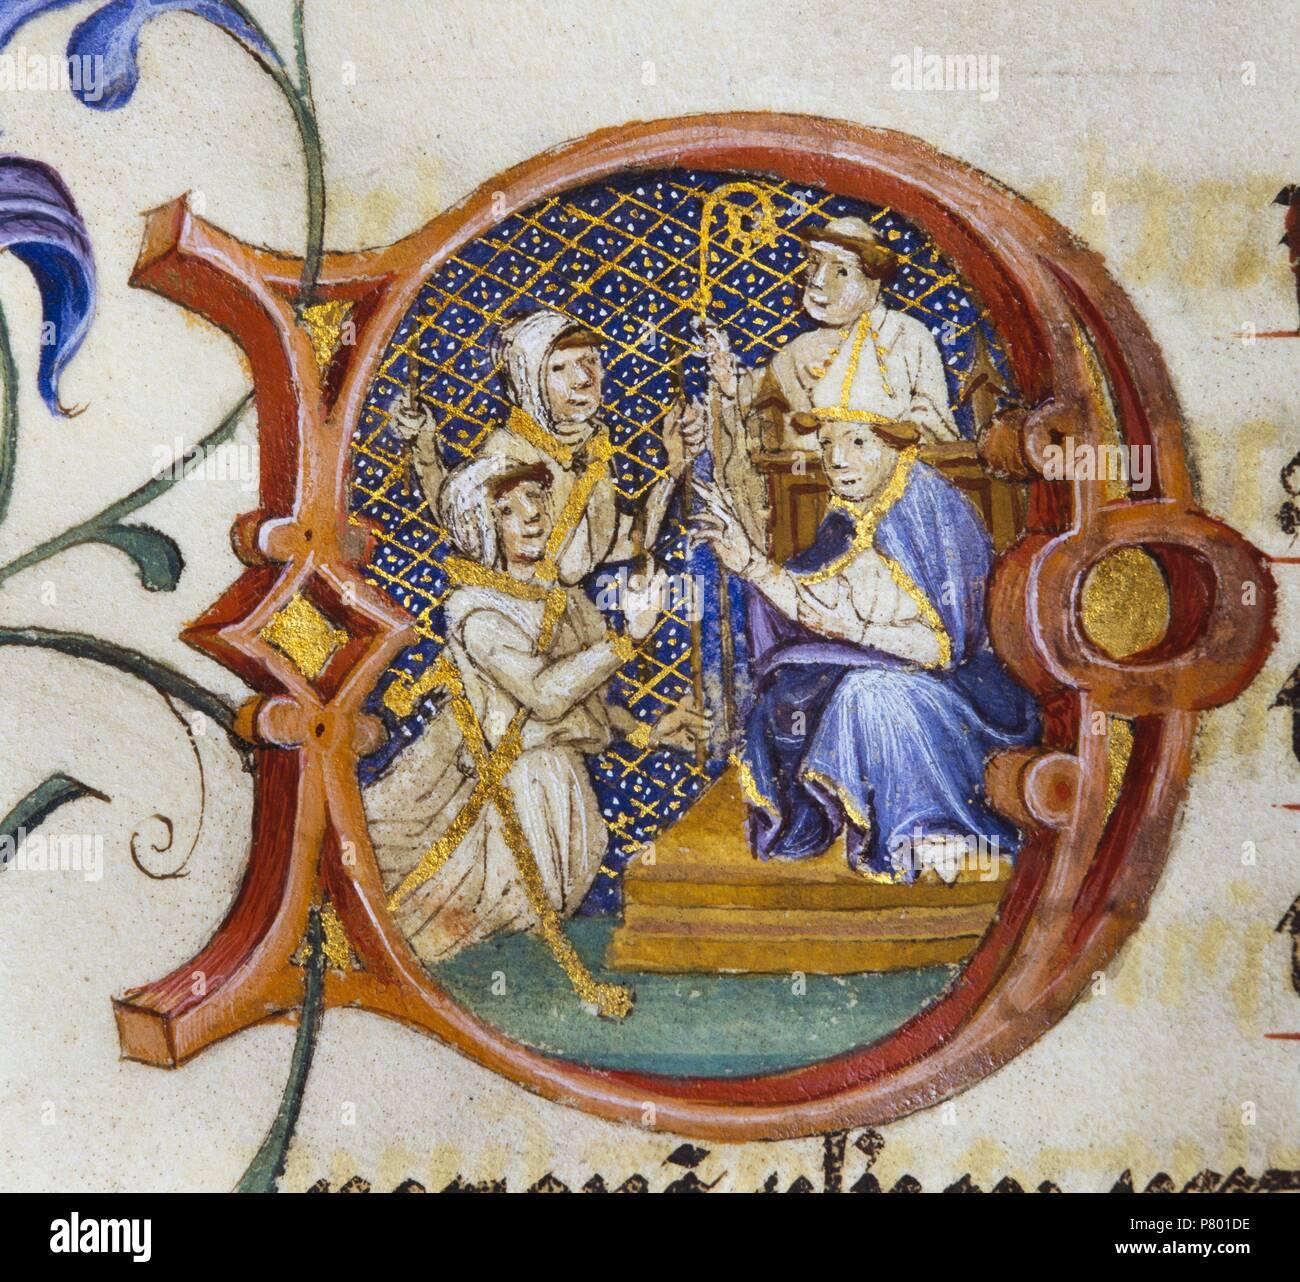 Pontifical de Guillaume Durand, c. 1409-1415. Letra inicial. Obispo sentado con dos hombres arrodillados. Arxiu Capitular de la Catedral de Girona. - Stock Image